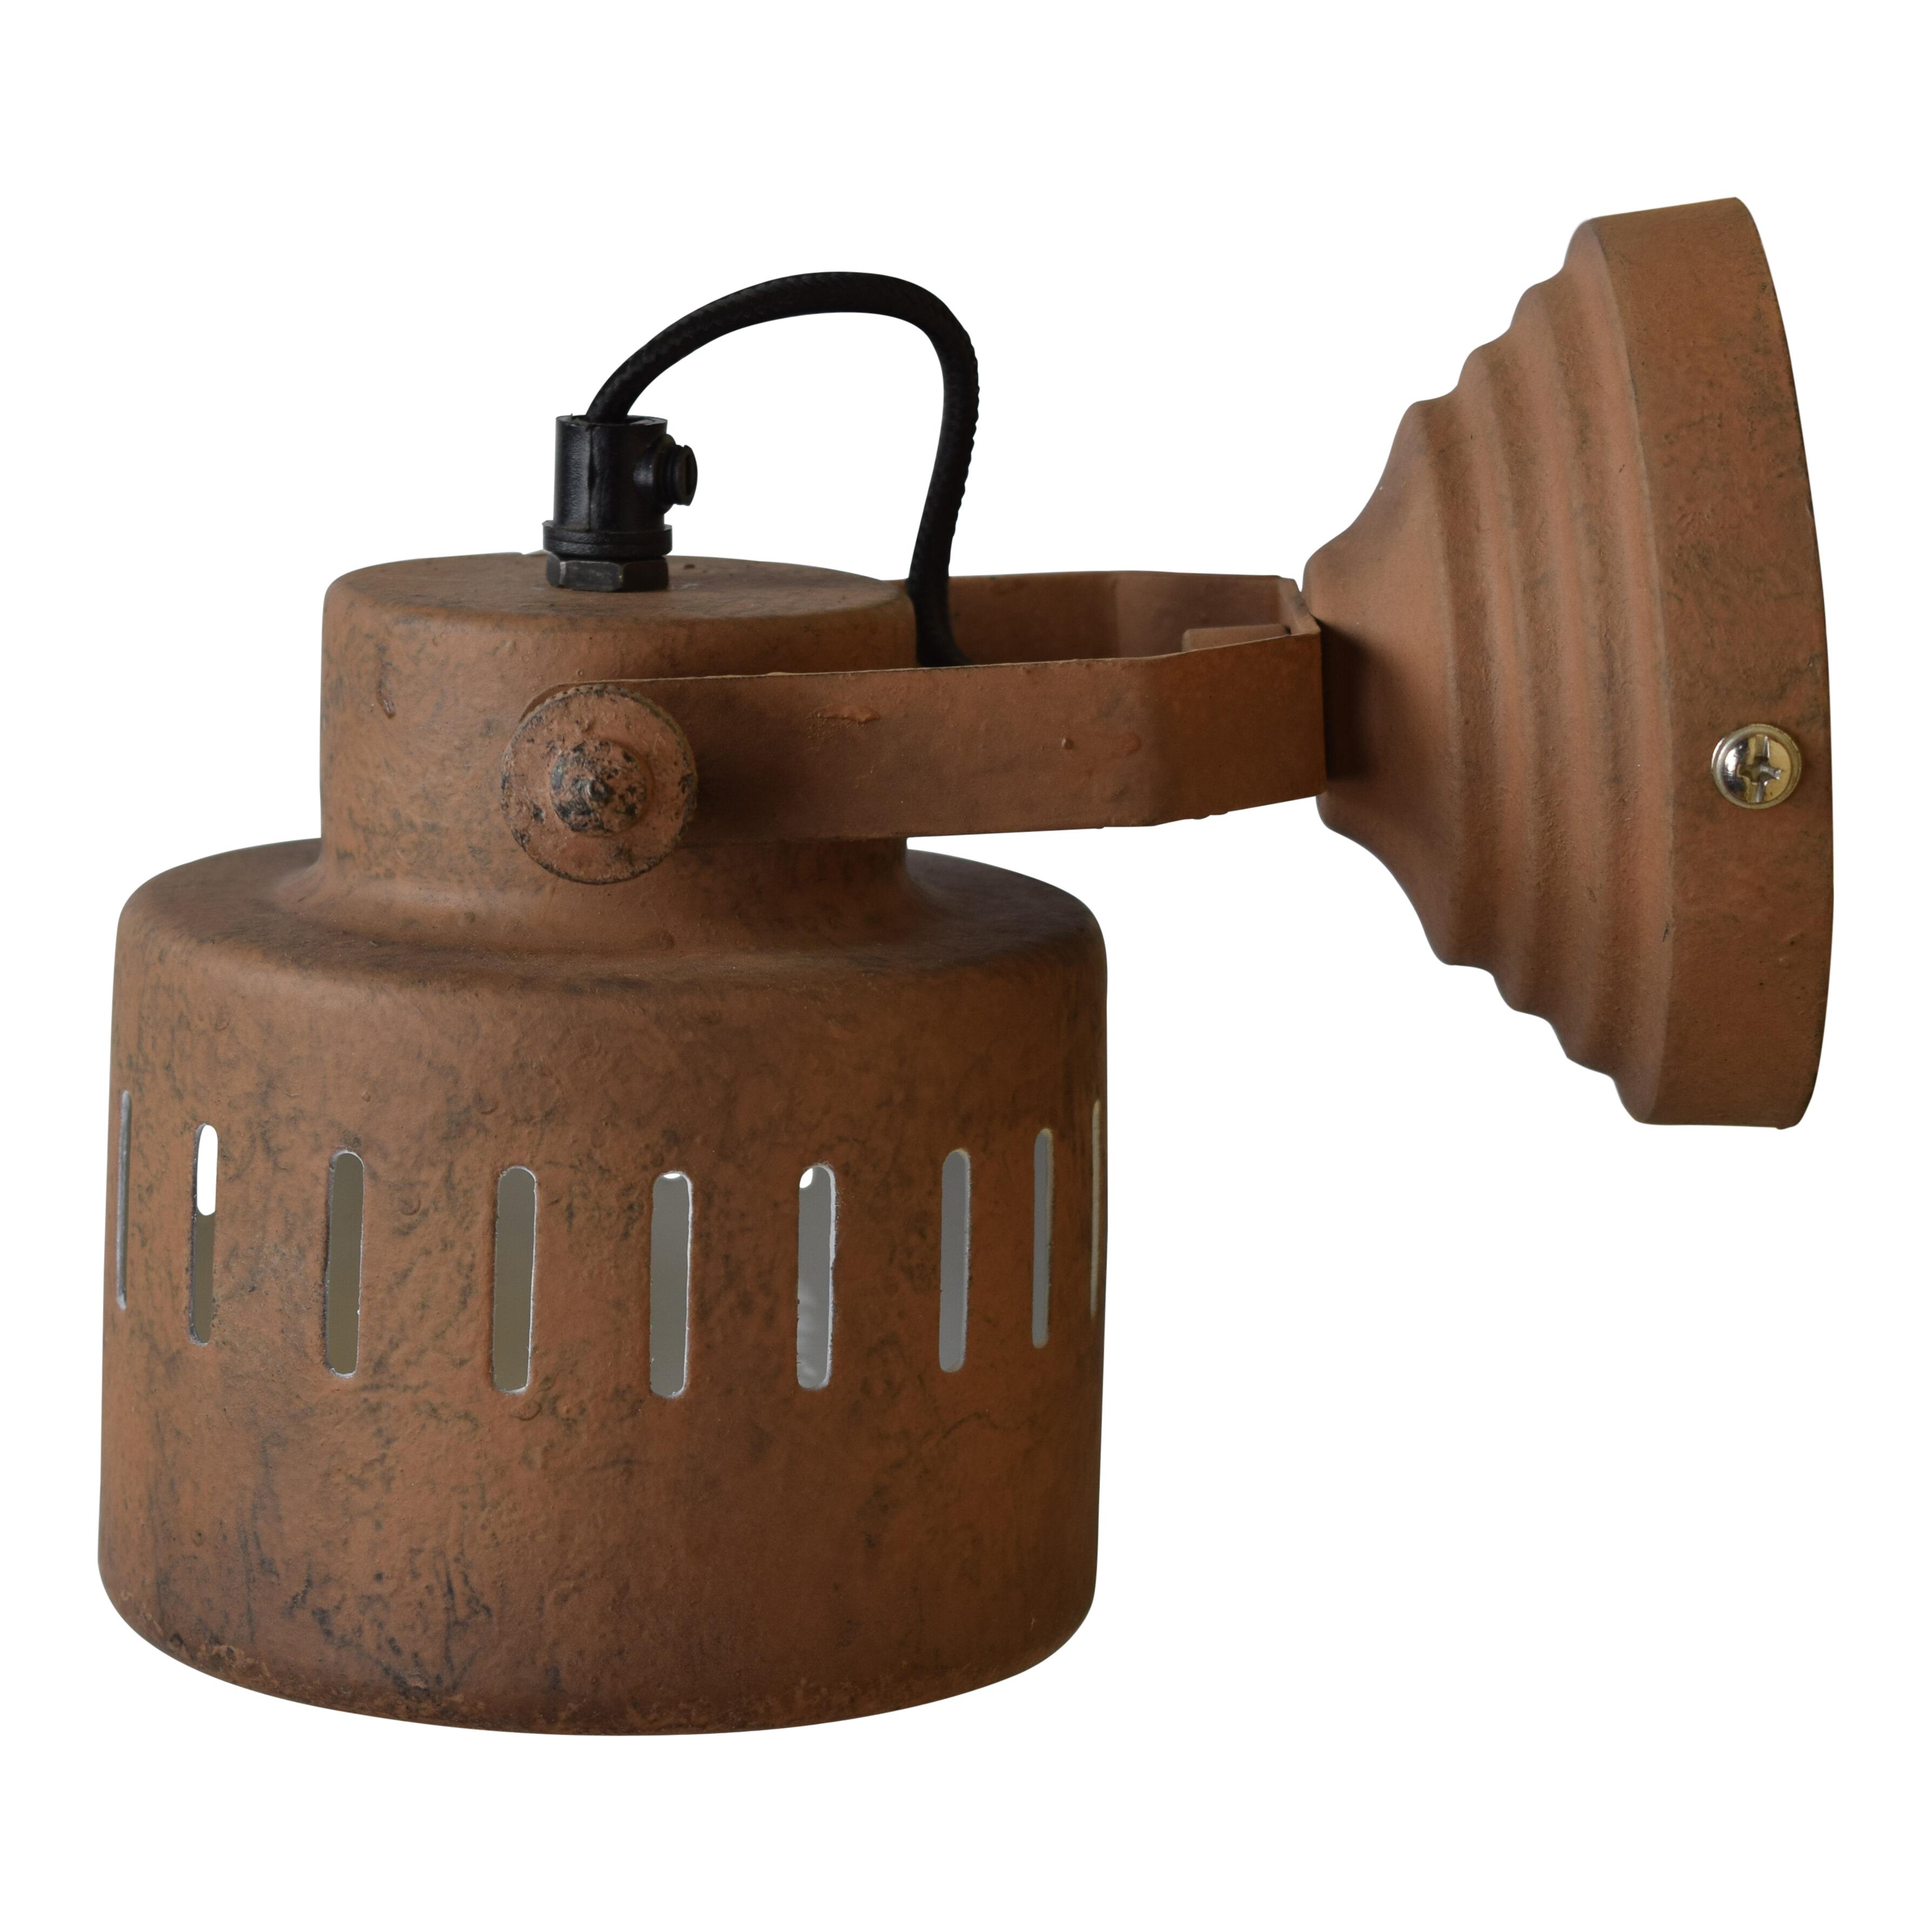 Urban Interiors wandlamp 'Vintage Rusty' ?11,5cm Verlichting   Wandlampen vergelijken doe je het voordeligst hier bij Meubelpartner